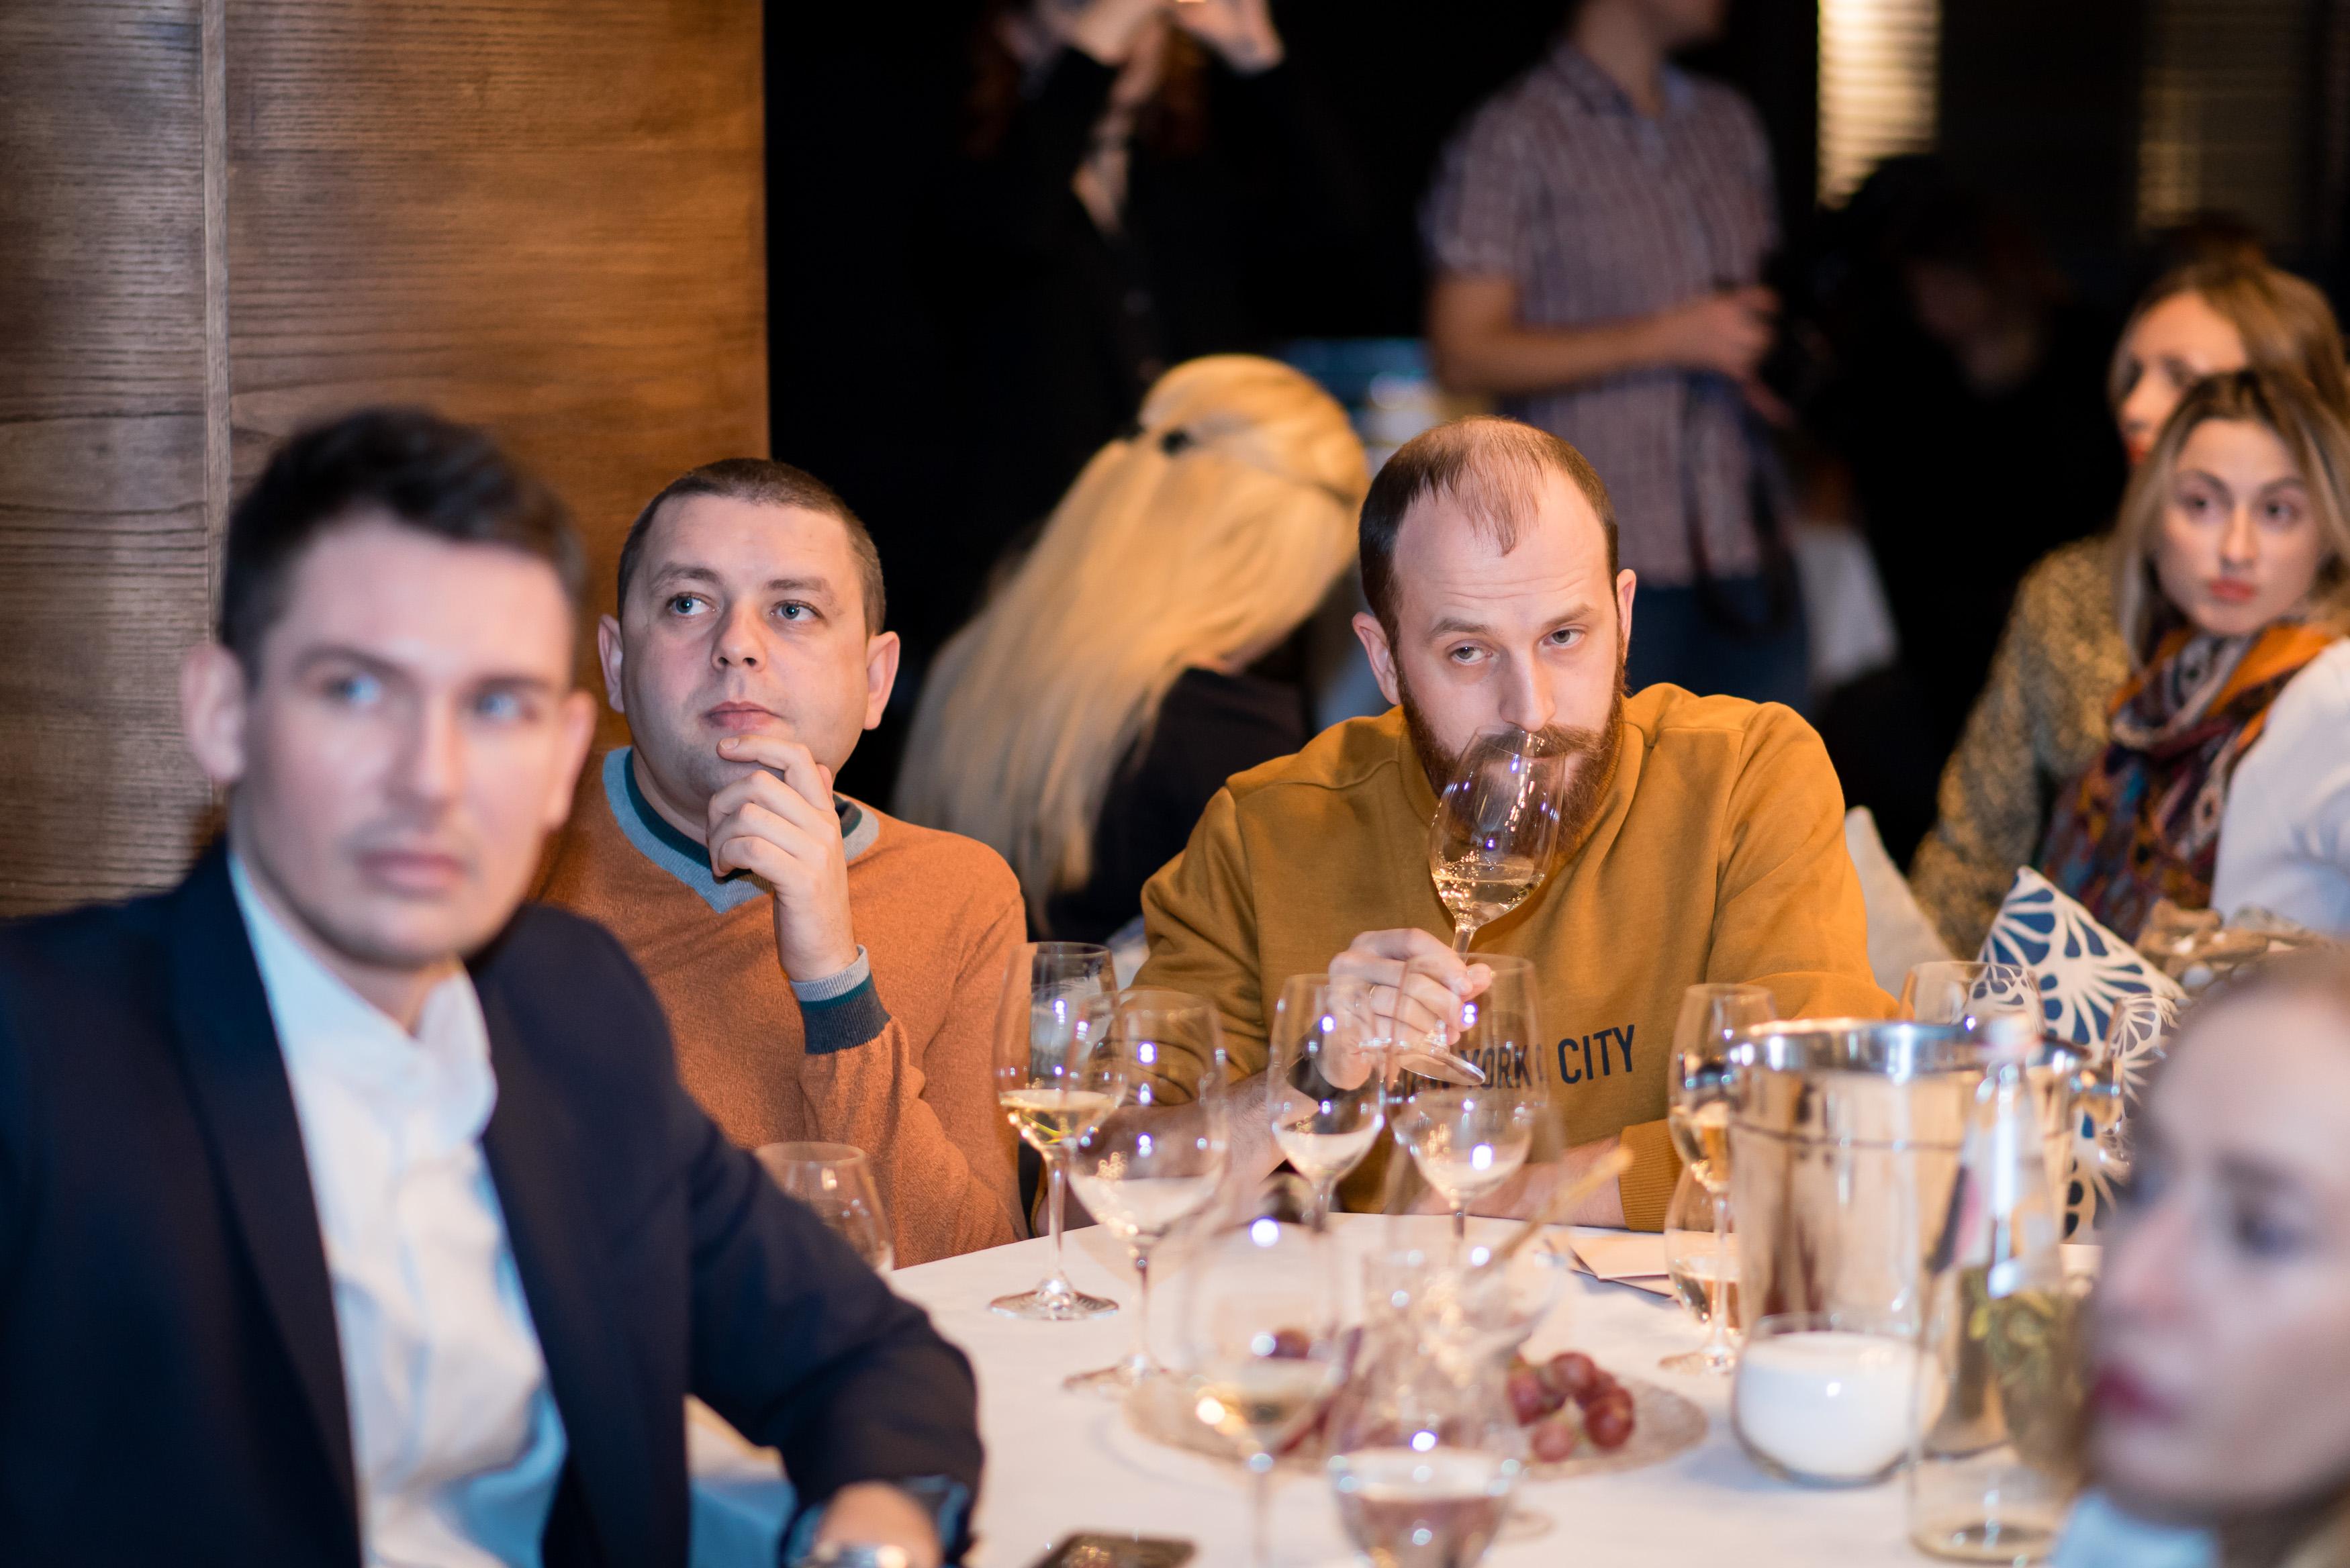 главный редактор okolobara.ru Василий Захаров и Роман Глечиков на дегустации вина